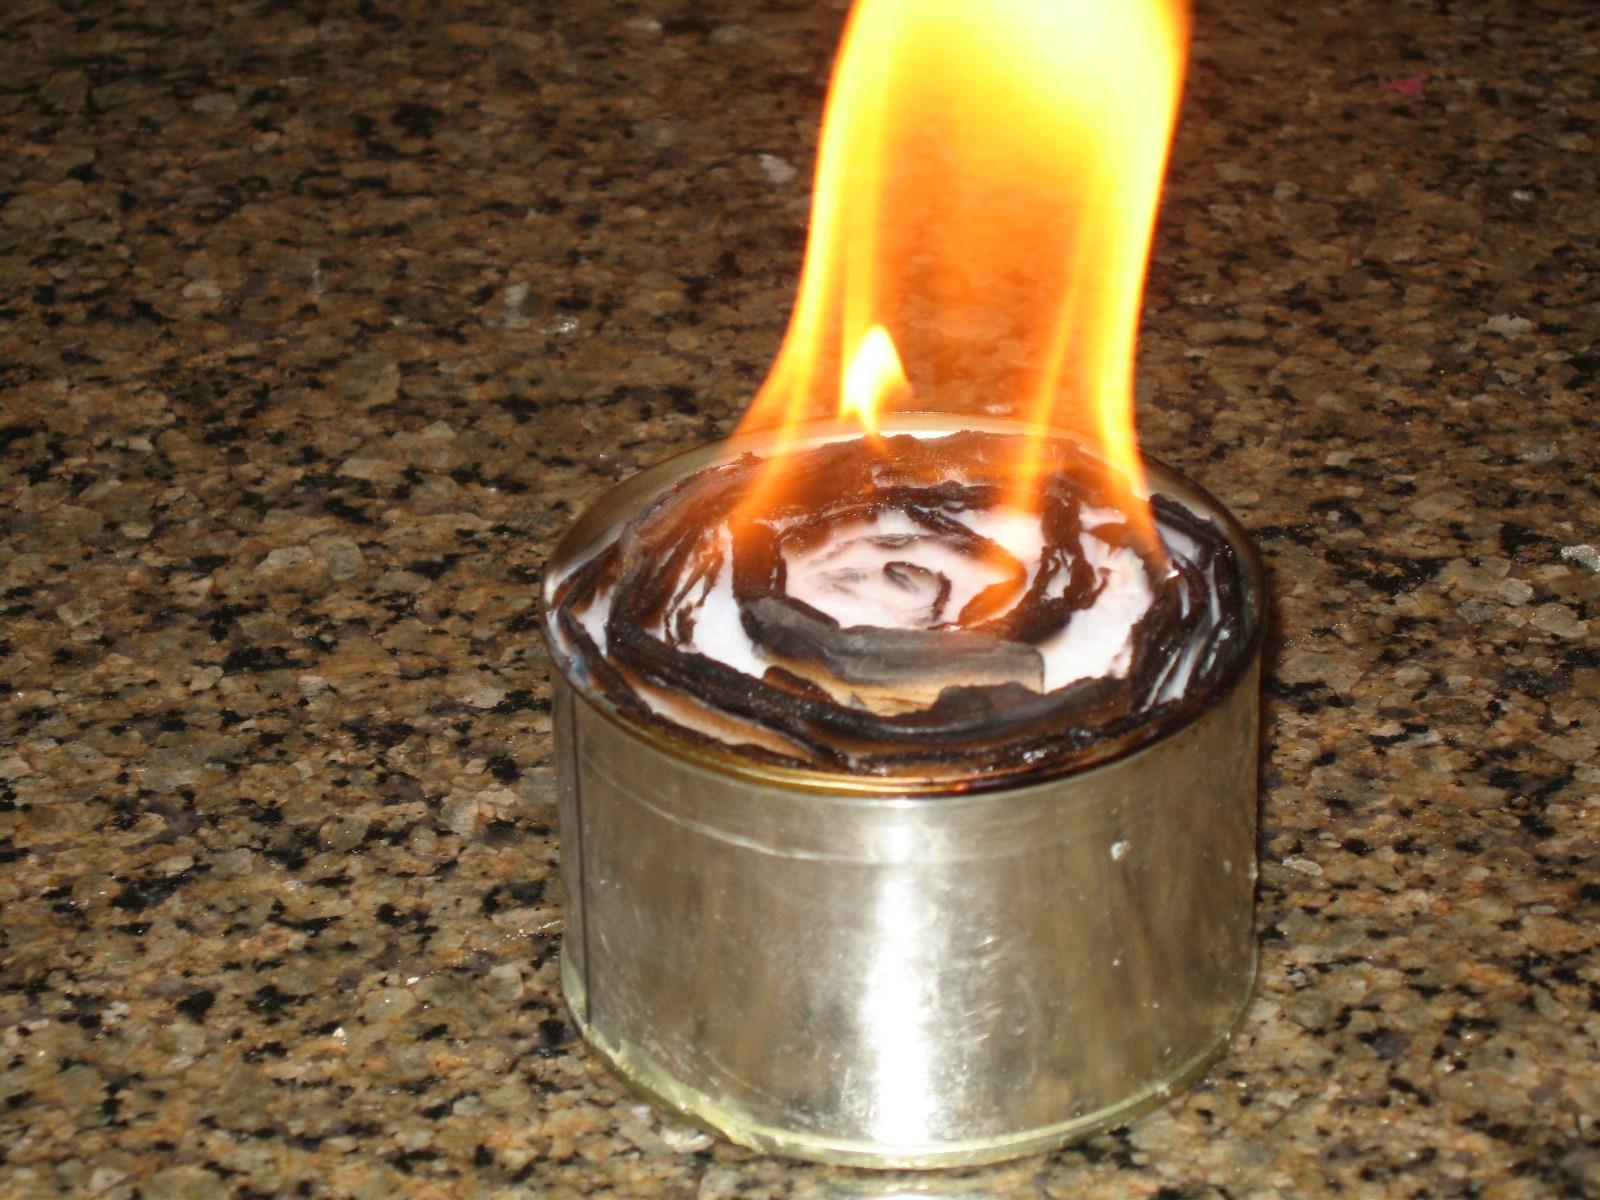 Cocinar Sin Gas Ni Luz Cómo Hacer Estufa De Emergencia Mamá Y Maestra